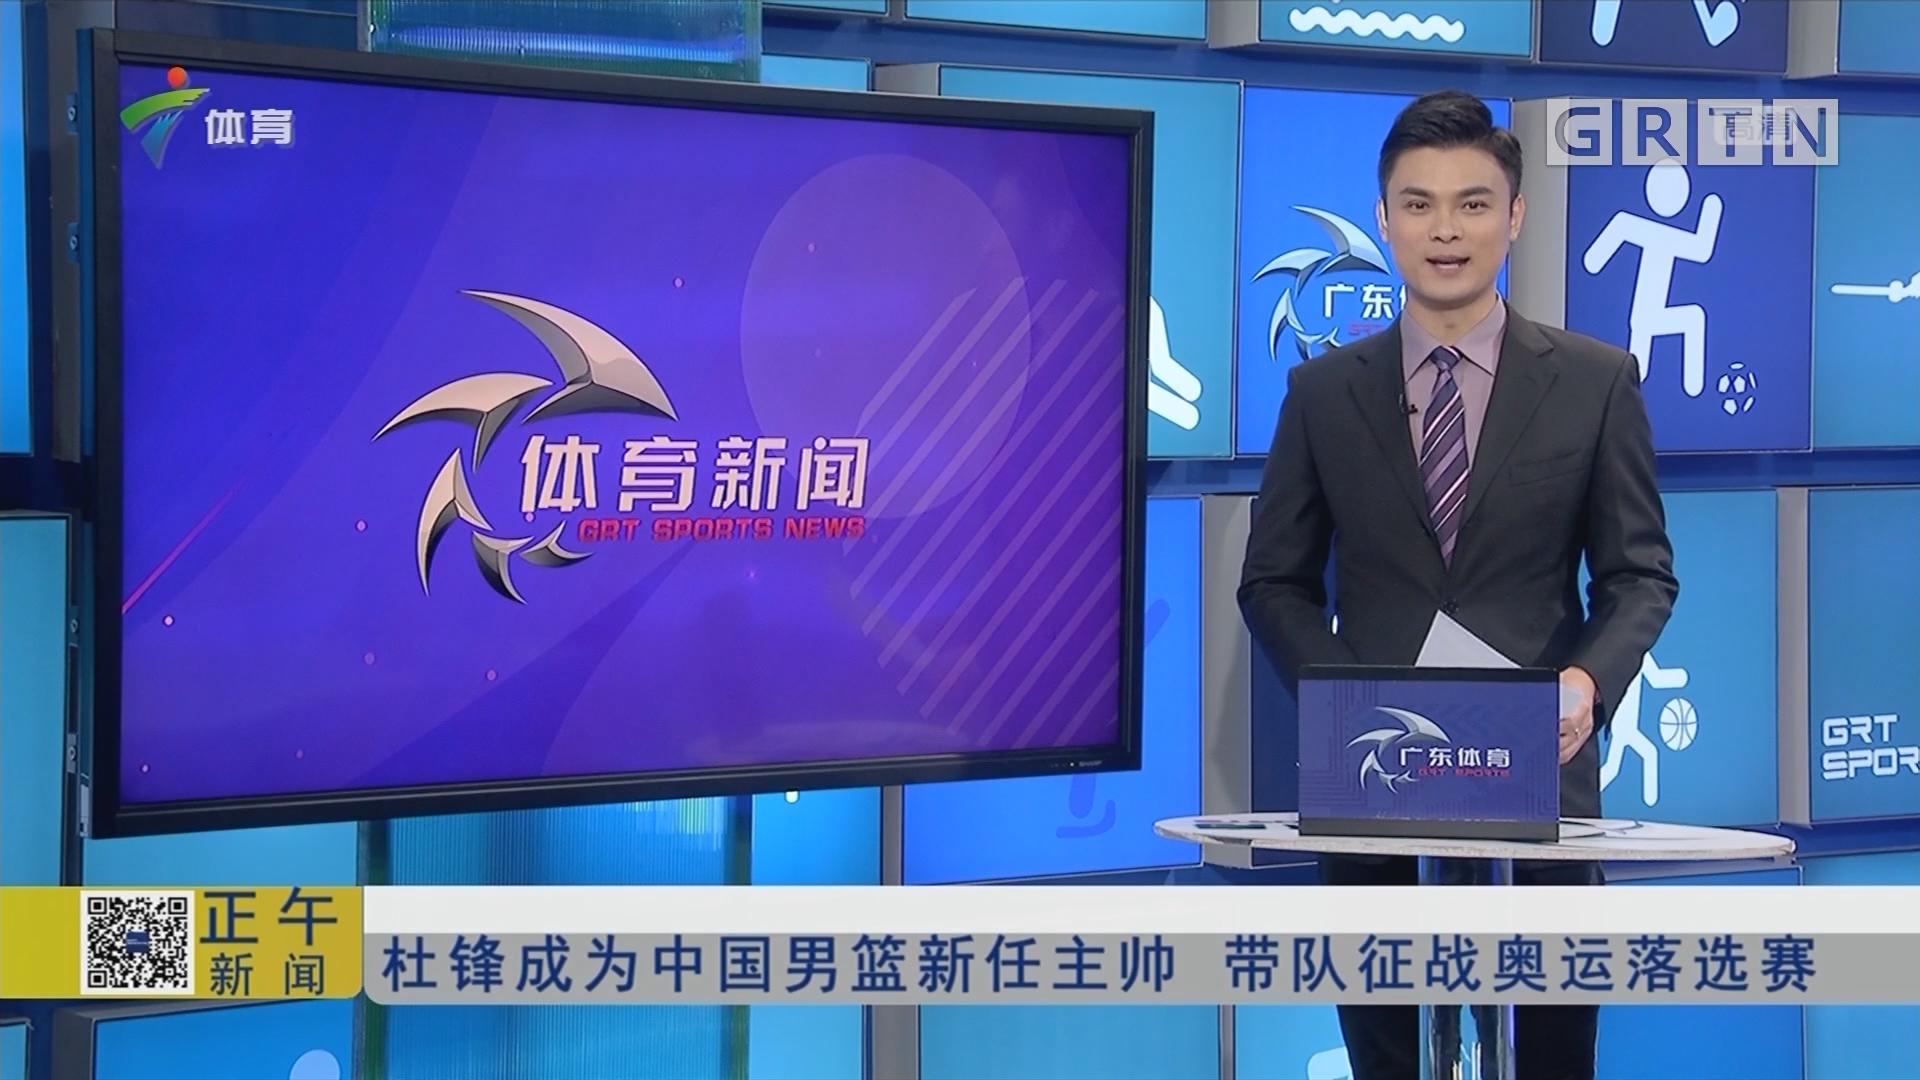 杜锋成为中国男篮新任主帅 带队征战奥运落选赛